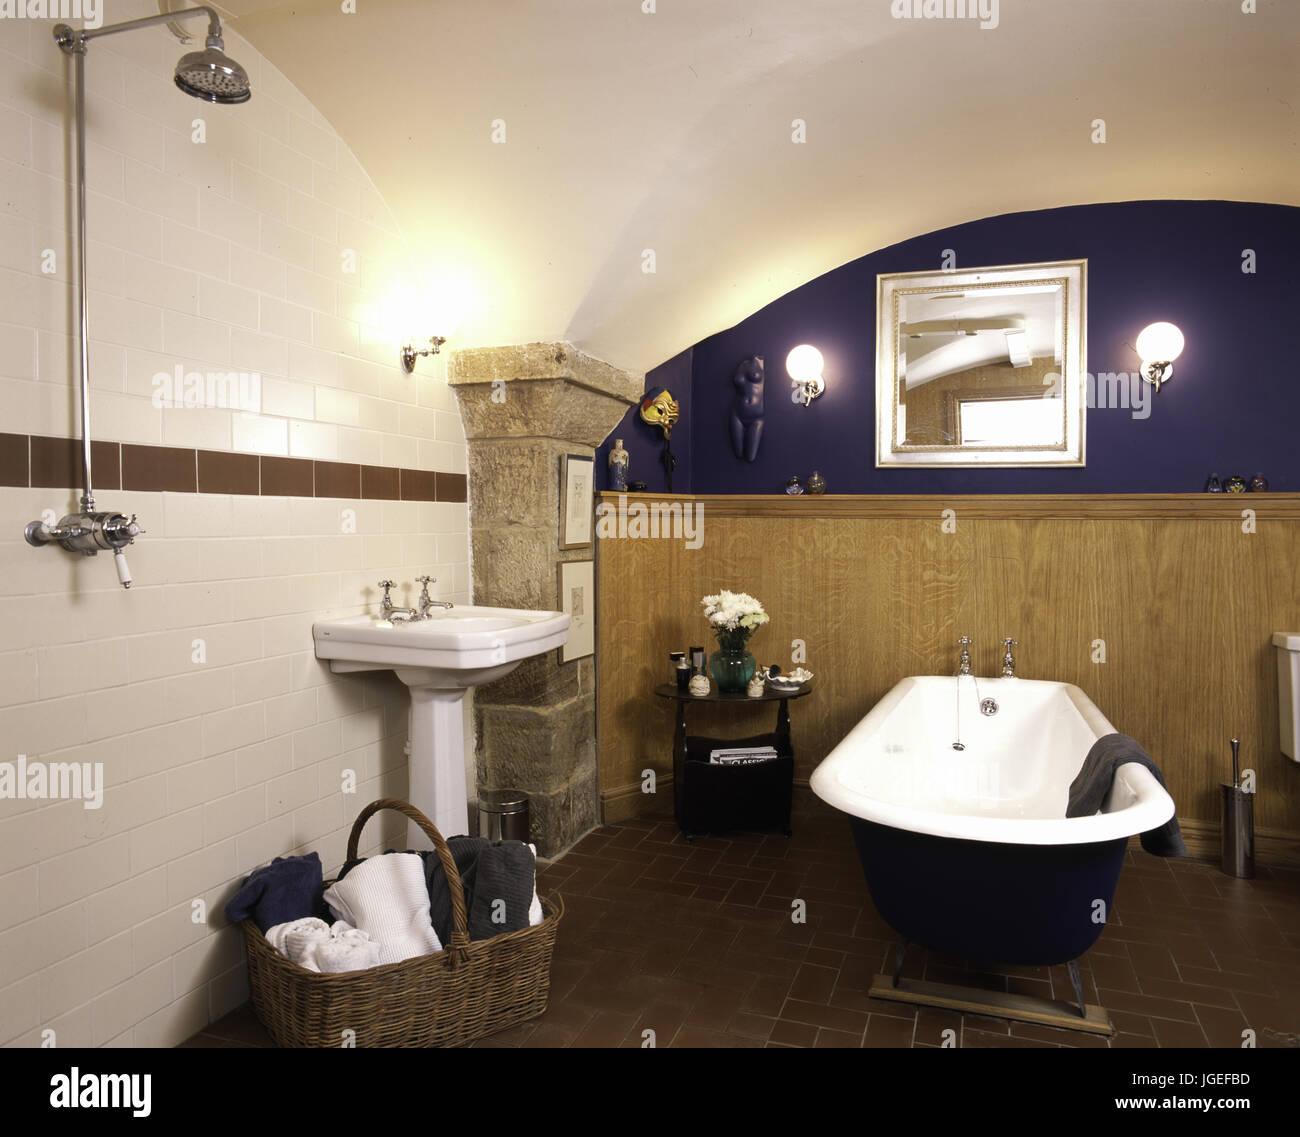 Baignoire sur pied et douche séparée dans la petite salle de bains ...